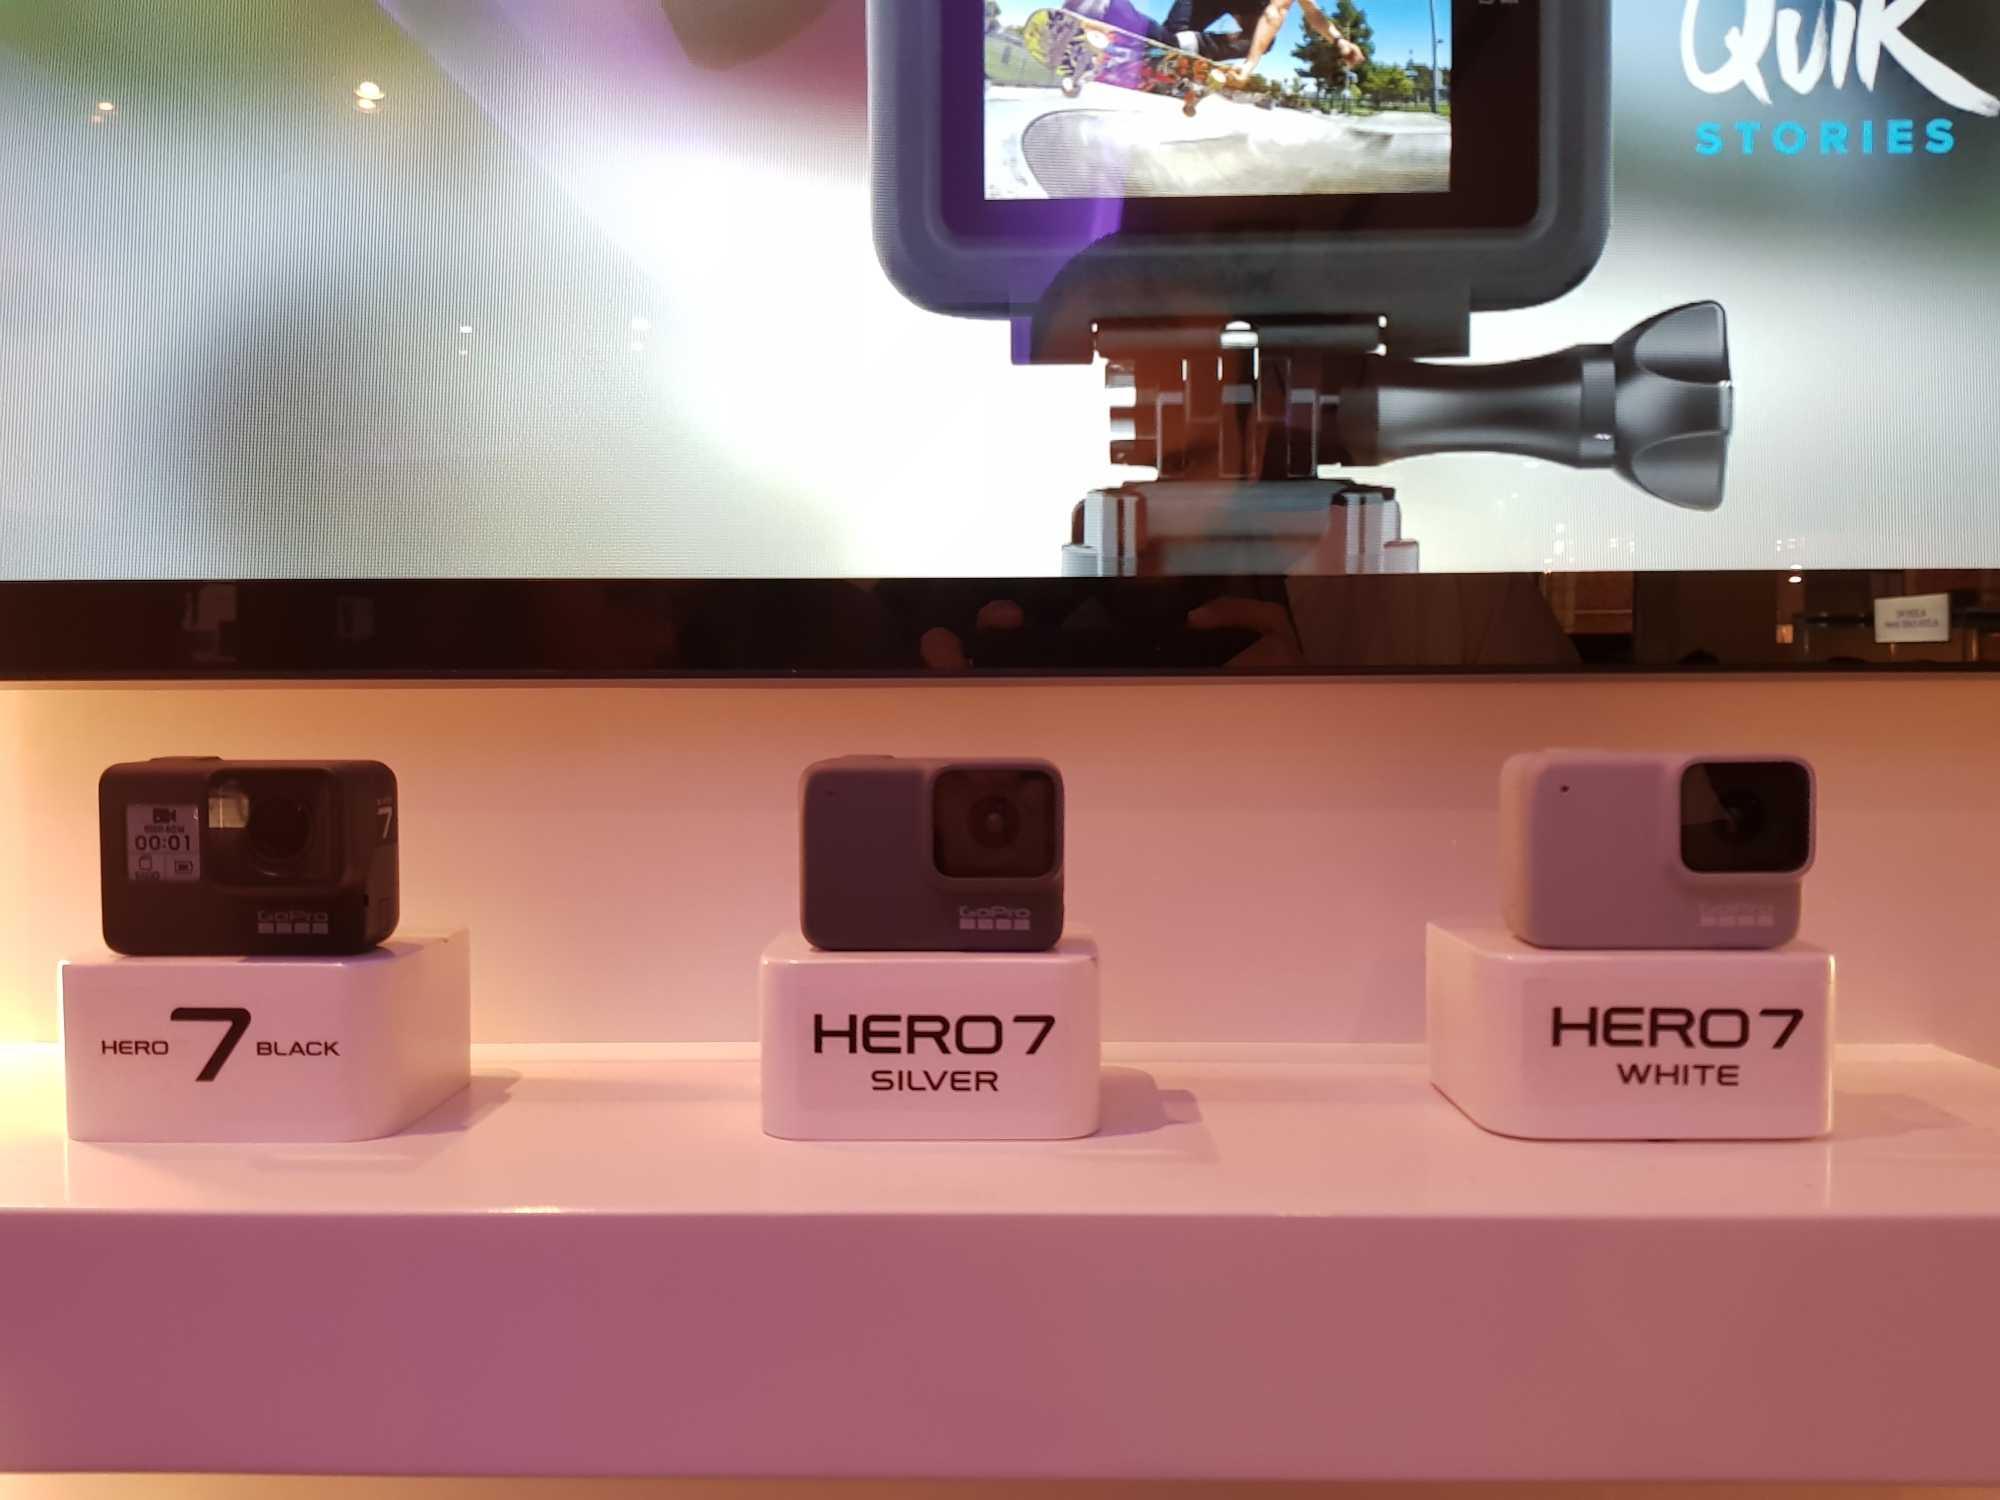 Black, Silver und White: Was die GoPro Hero kann, verrät die Farbe.